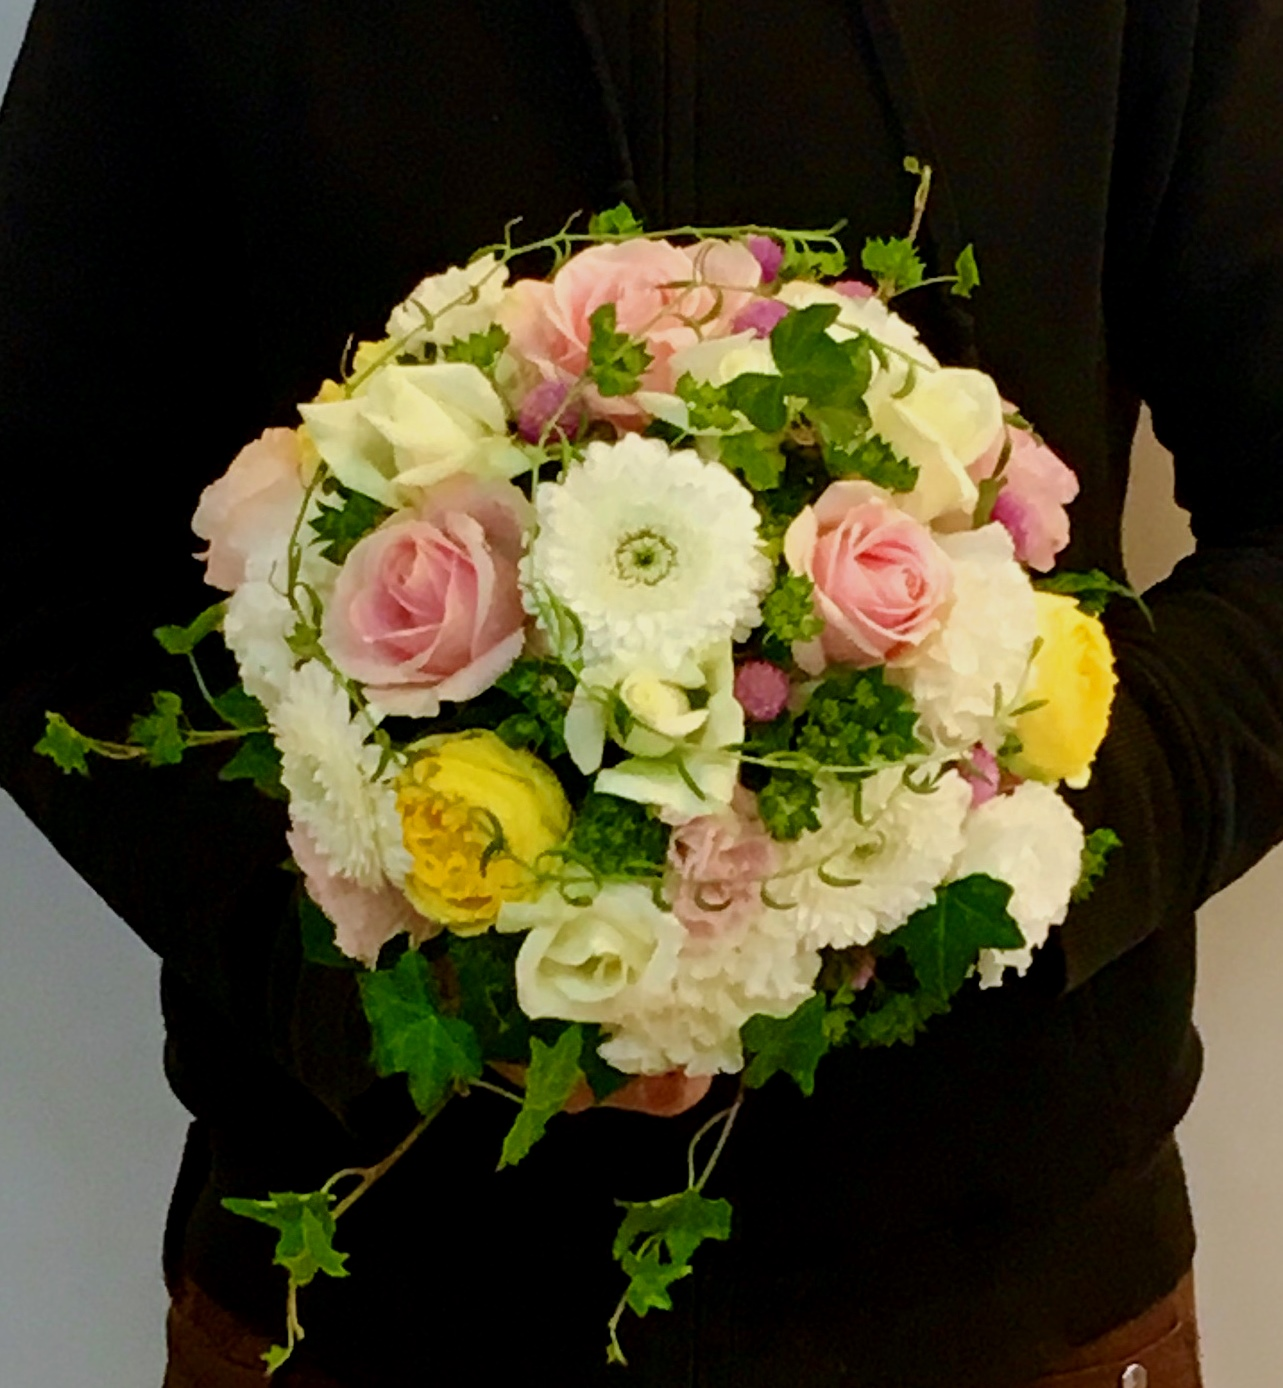 【ナオ花屋の納品事例192】横浜市の法人企業様へアレンジメント受付花を配達しました!